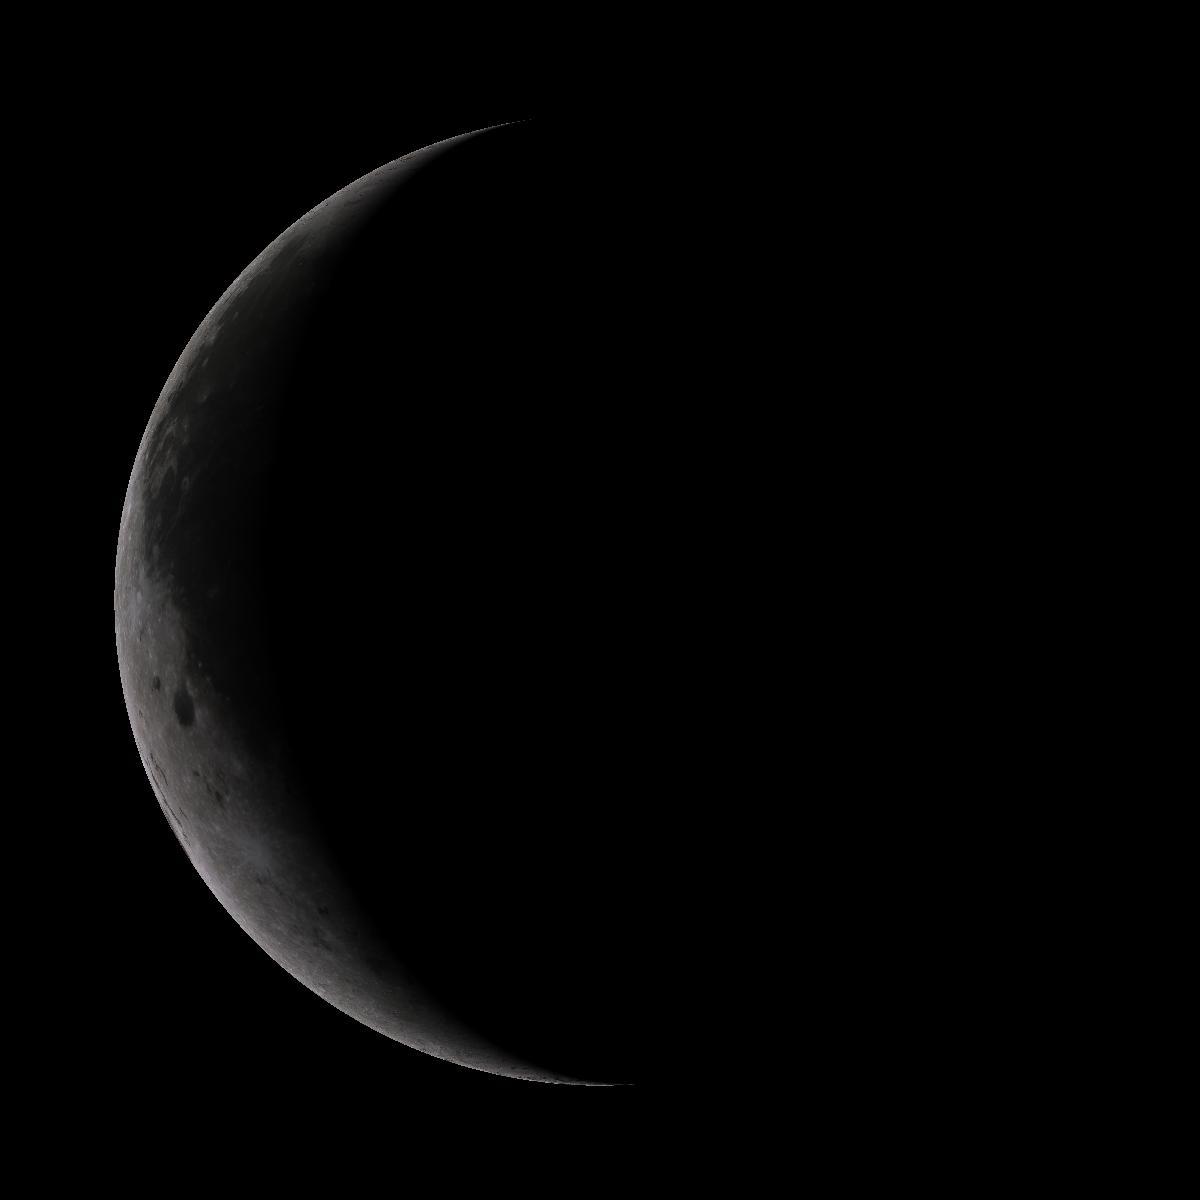 Lune du 27 aout 2019